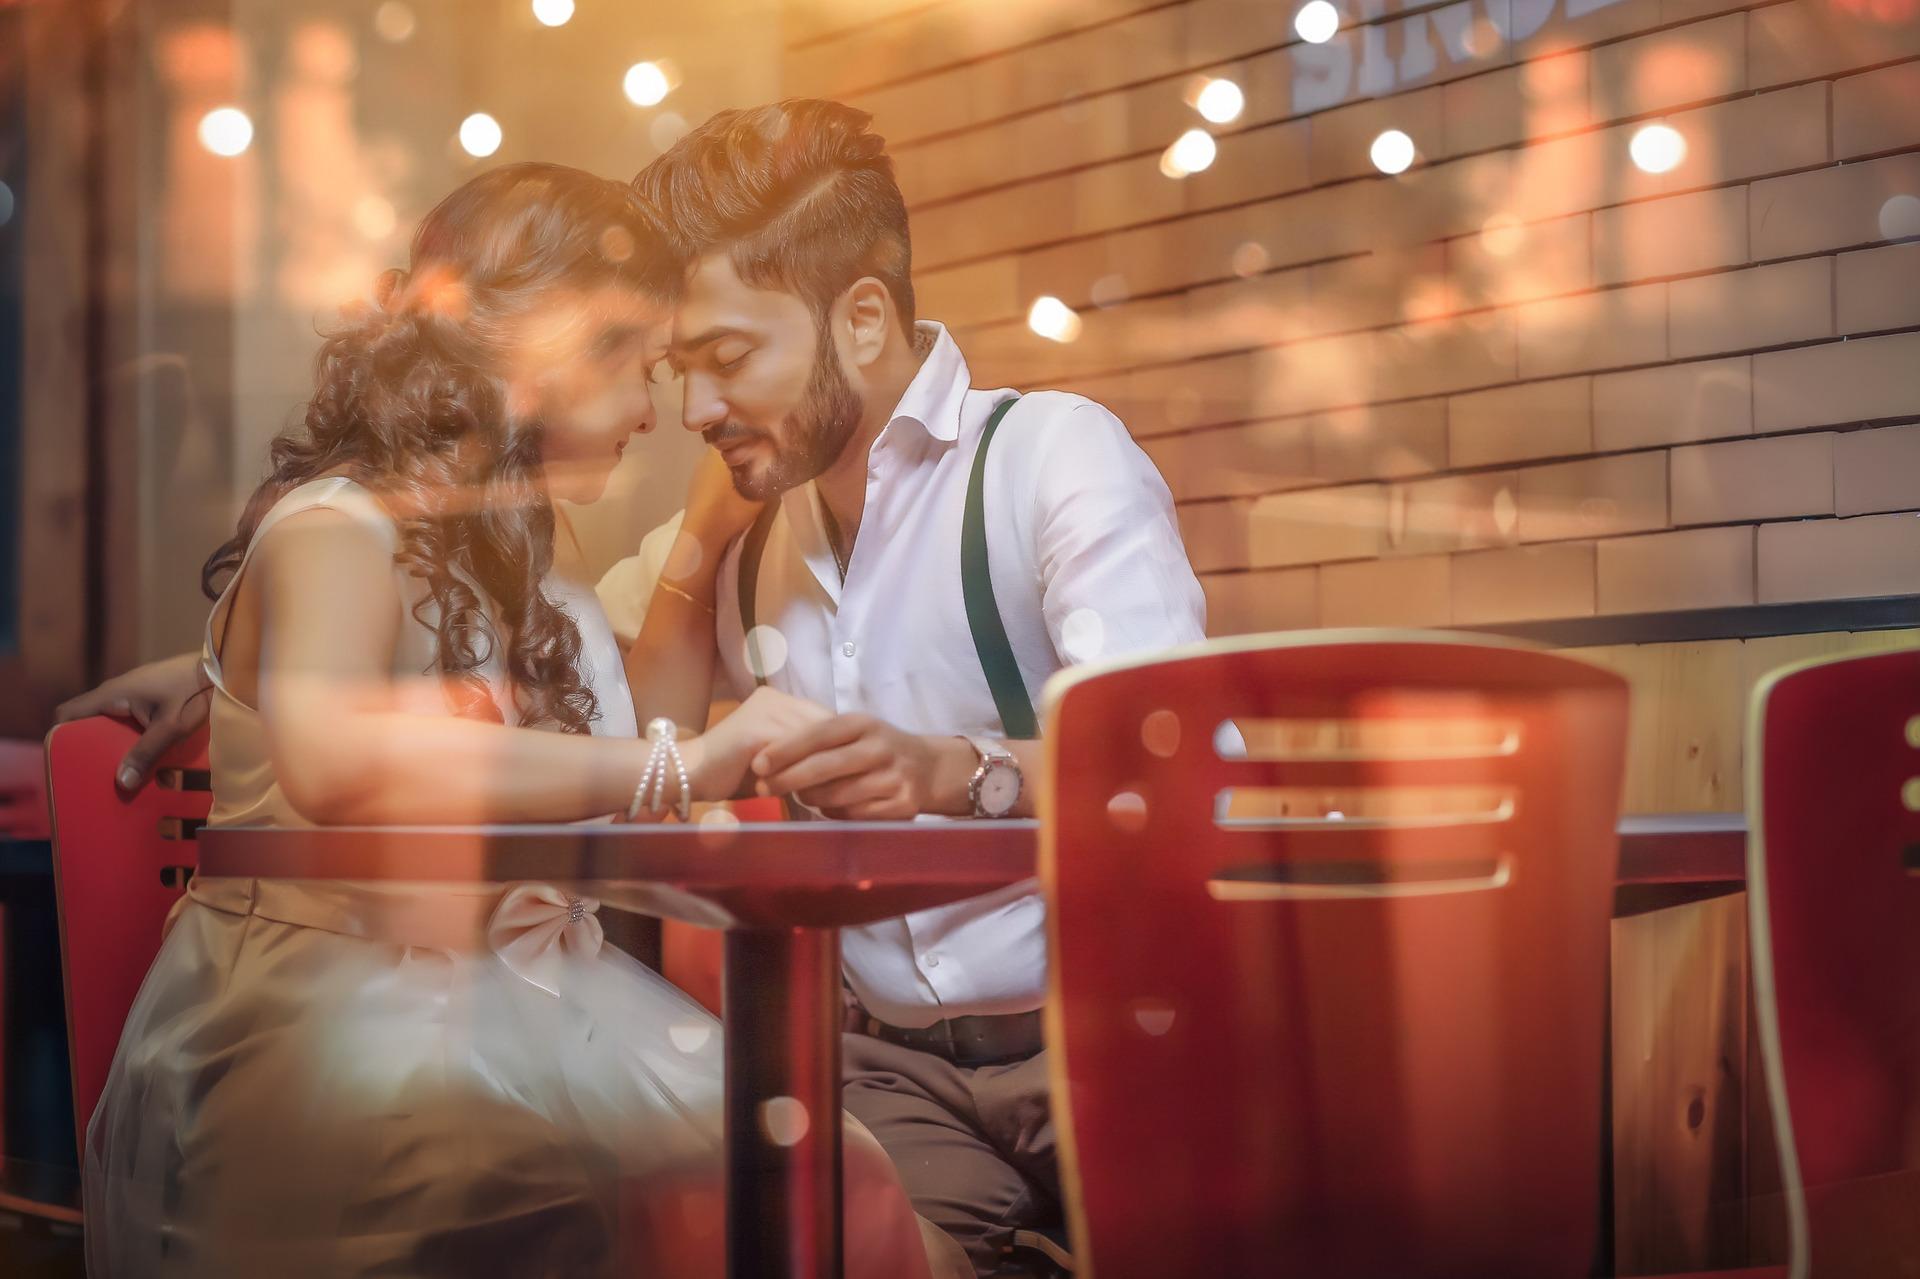 Incontri e la differenza di corteggiamento